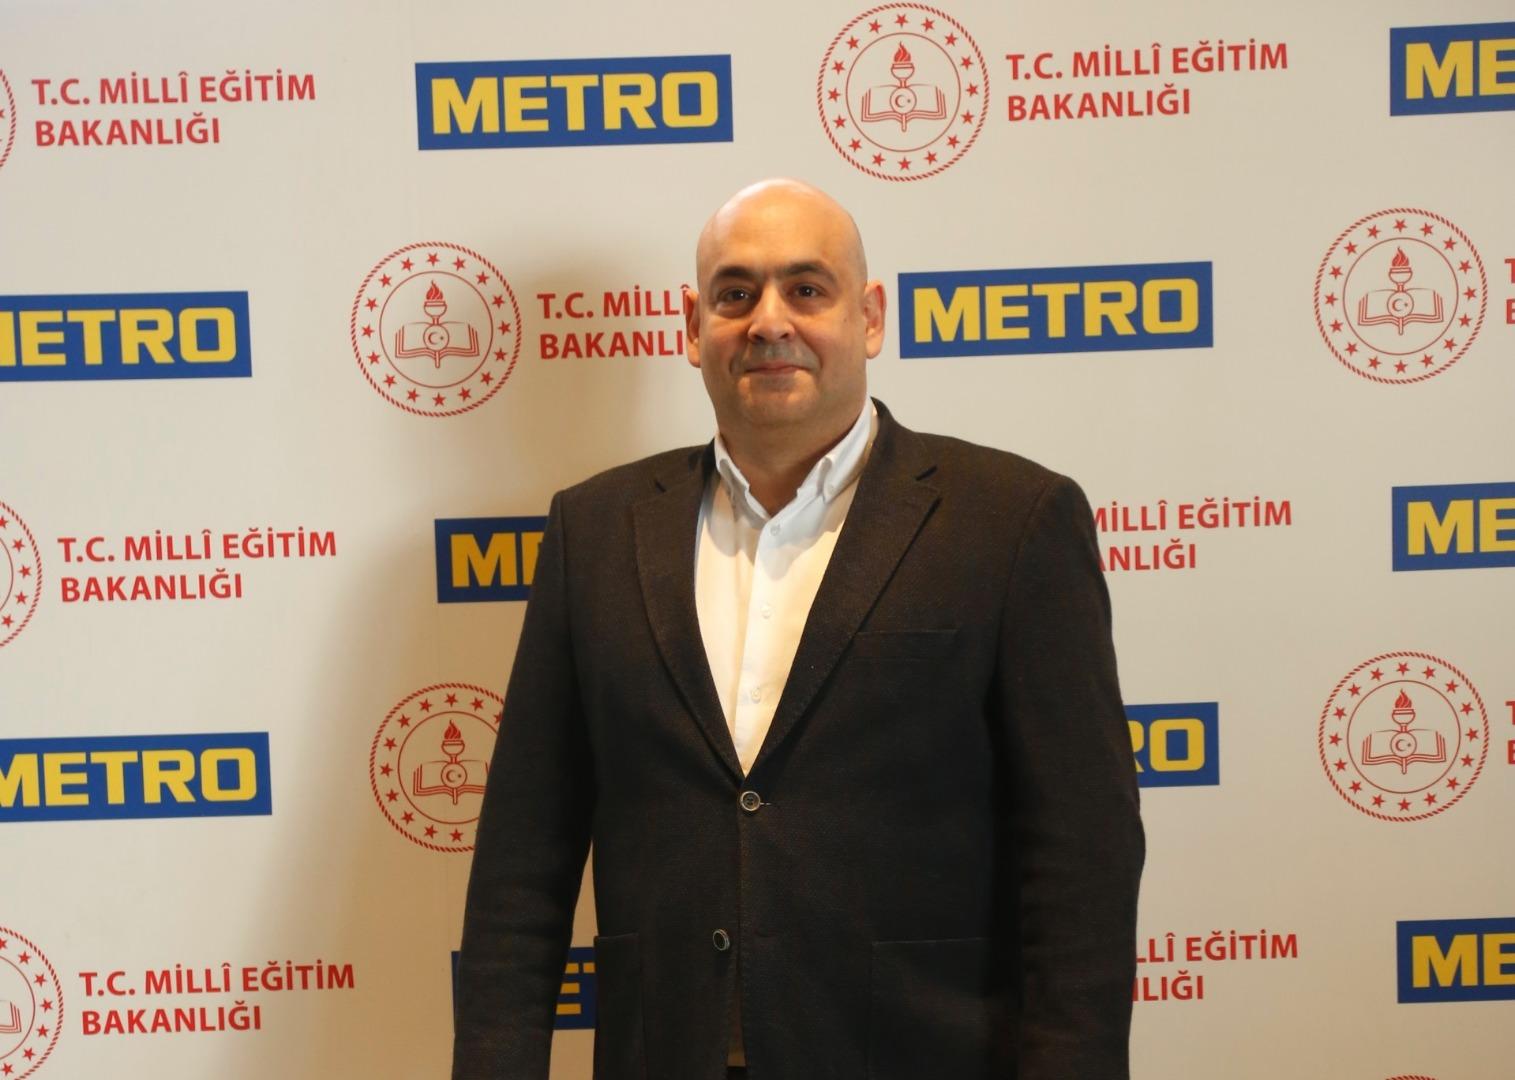 Metro Türkiye kooperatiflerle işbirliklerini açıkladı